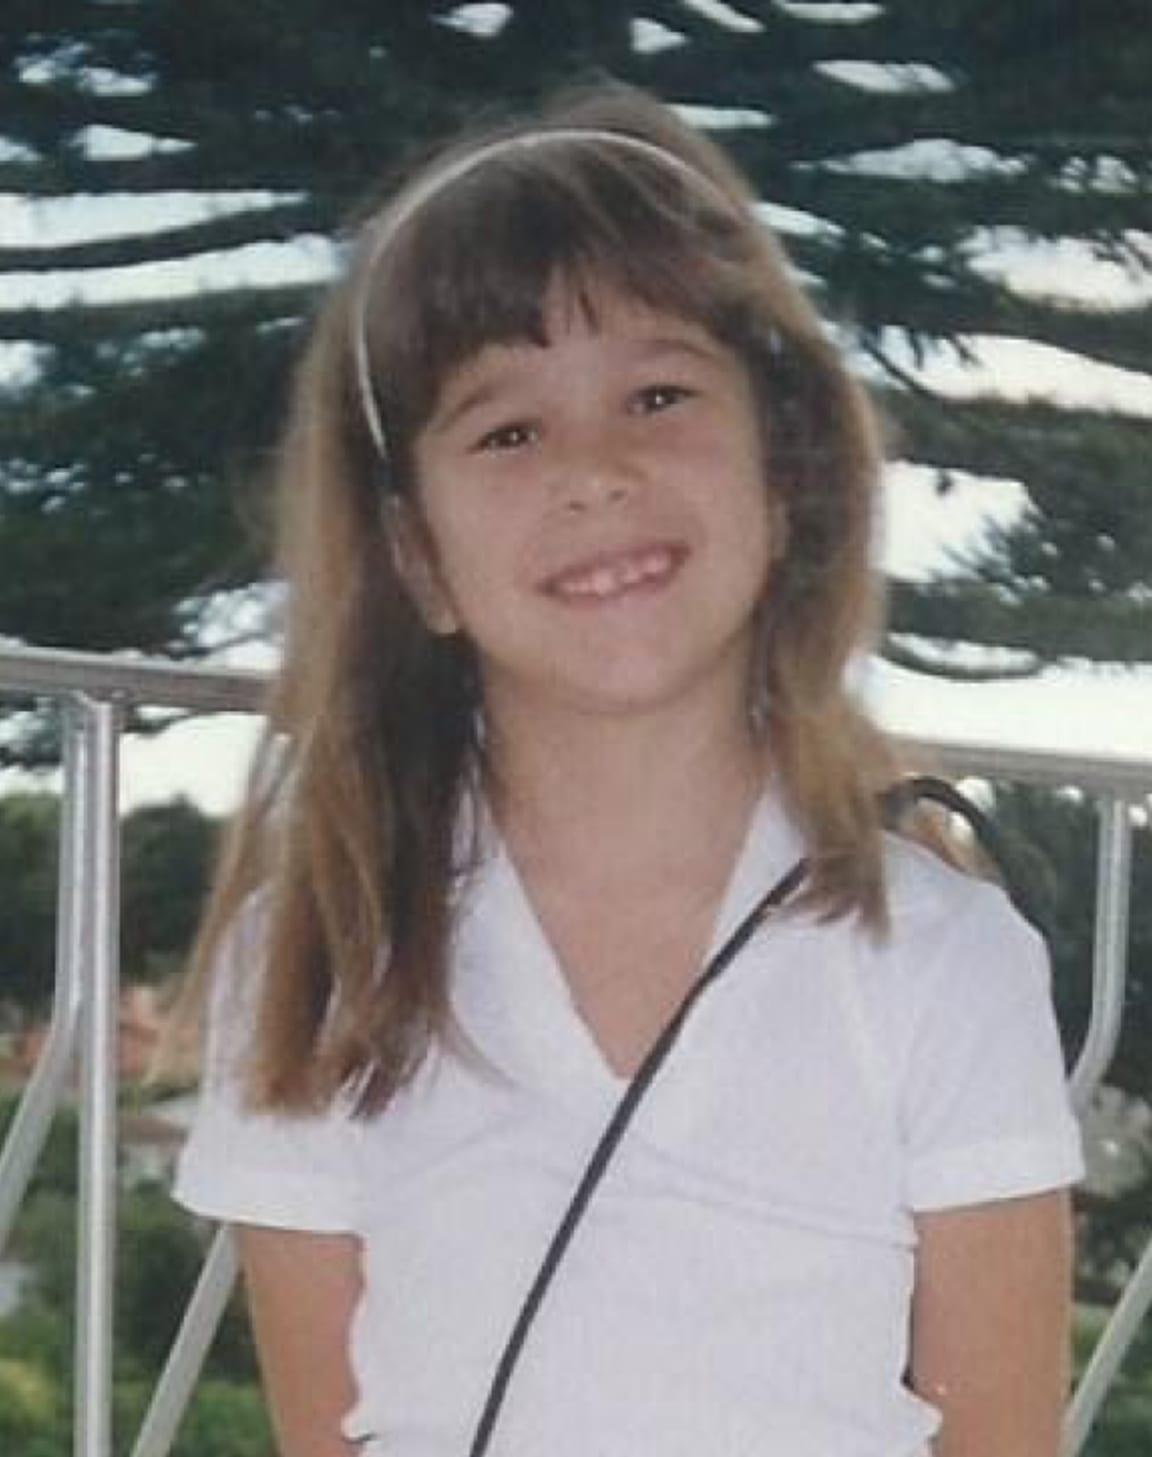 Maria as a kid